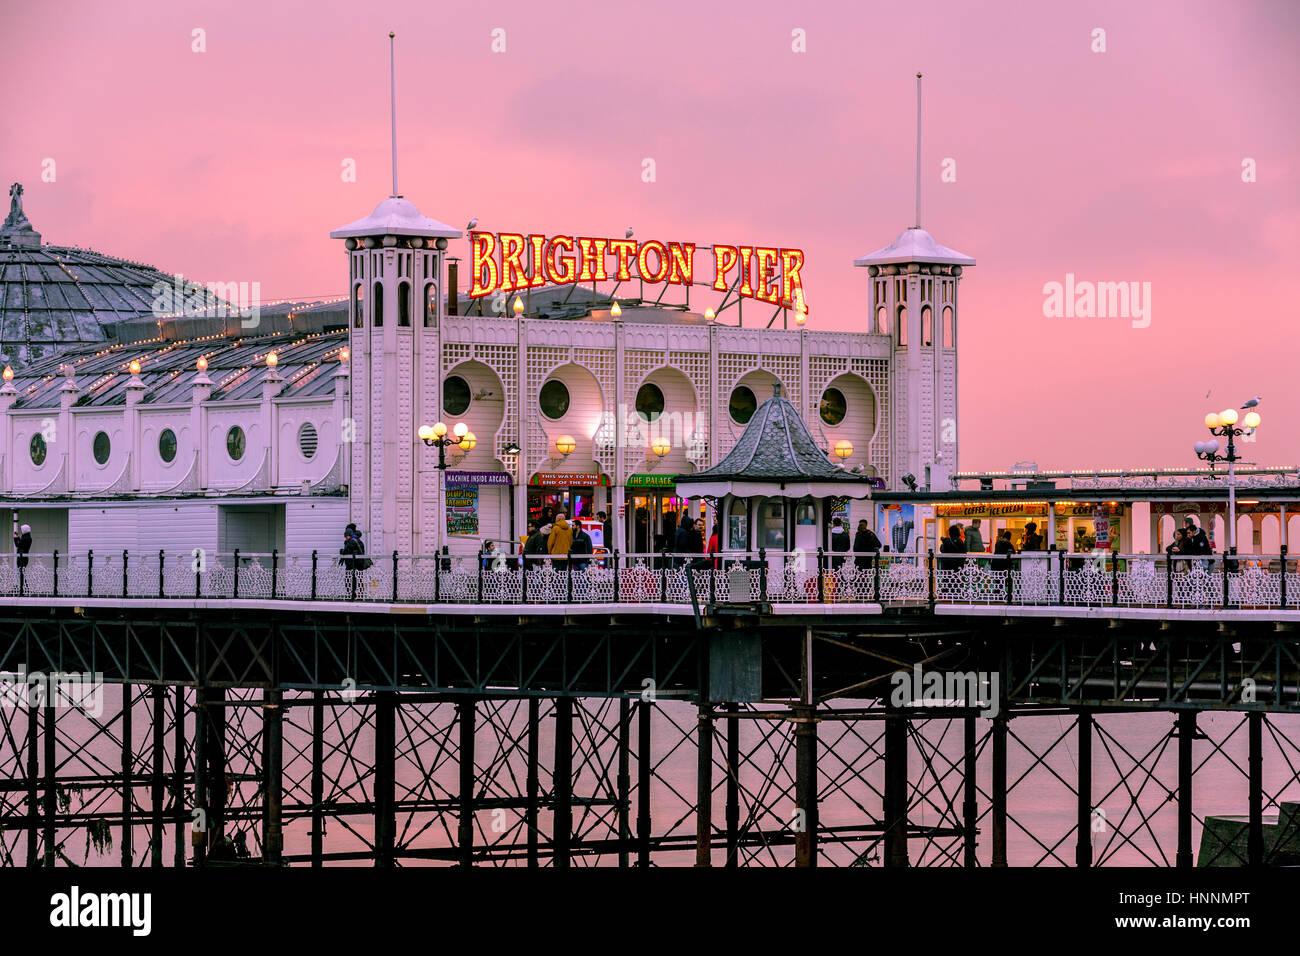 Una hermosa puesta de sol al atardecer con un cálido tono rojizo en Brighton Pier, Brighton, Inglaterra, Reino Unido Foto de stock